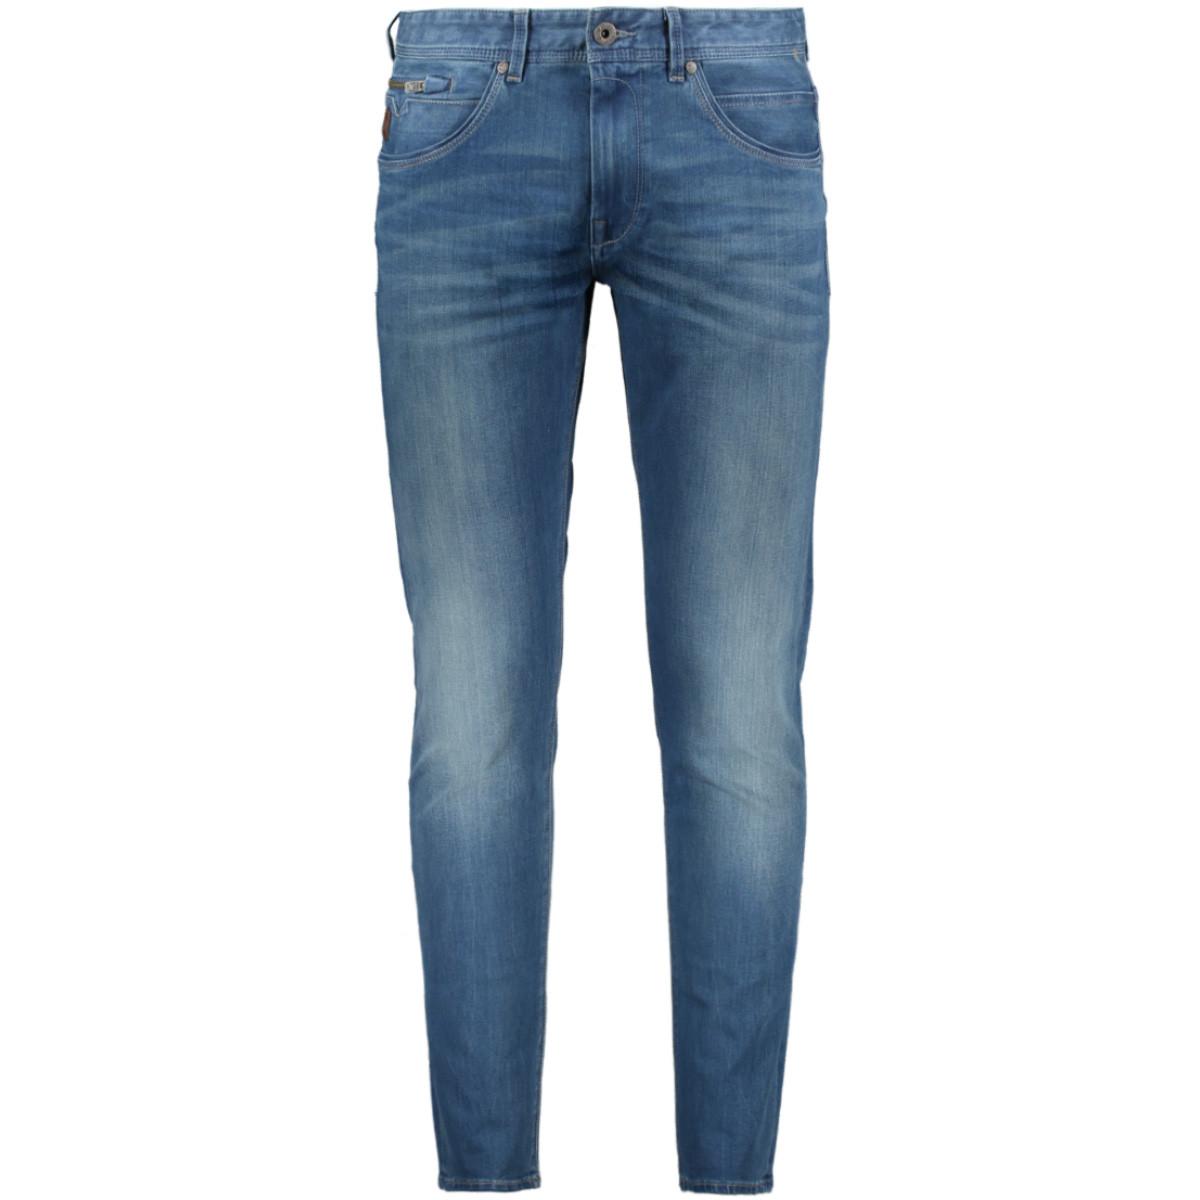 Blauwe heren jeans Vanguard V8540 Rider - VTR850-OTT 32